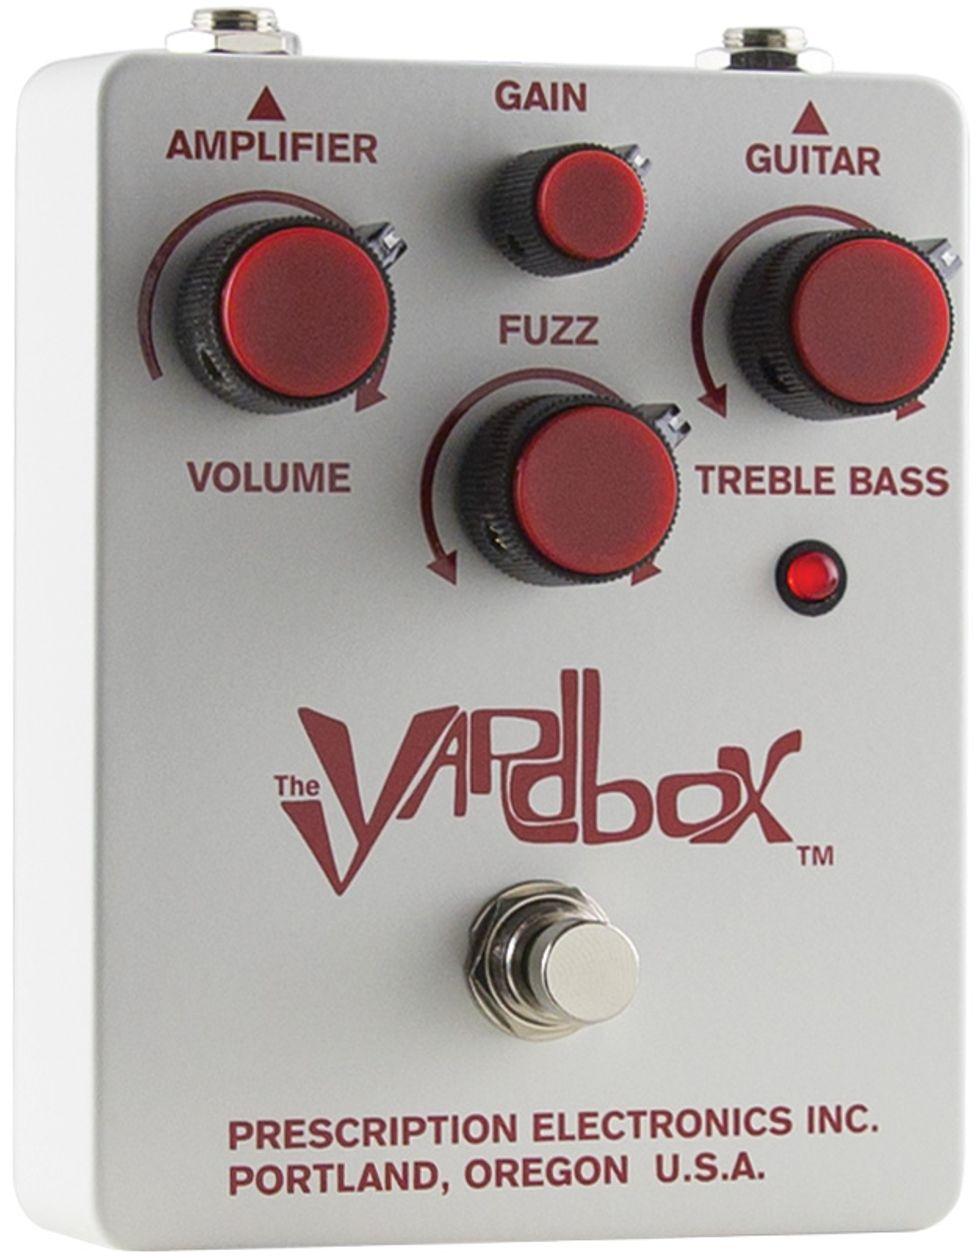 Yardbox-homepage2